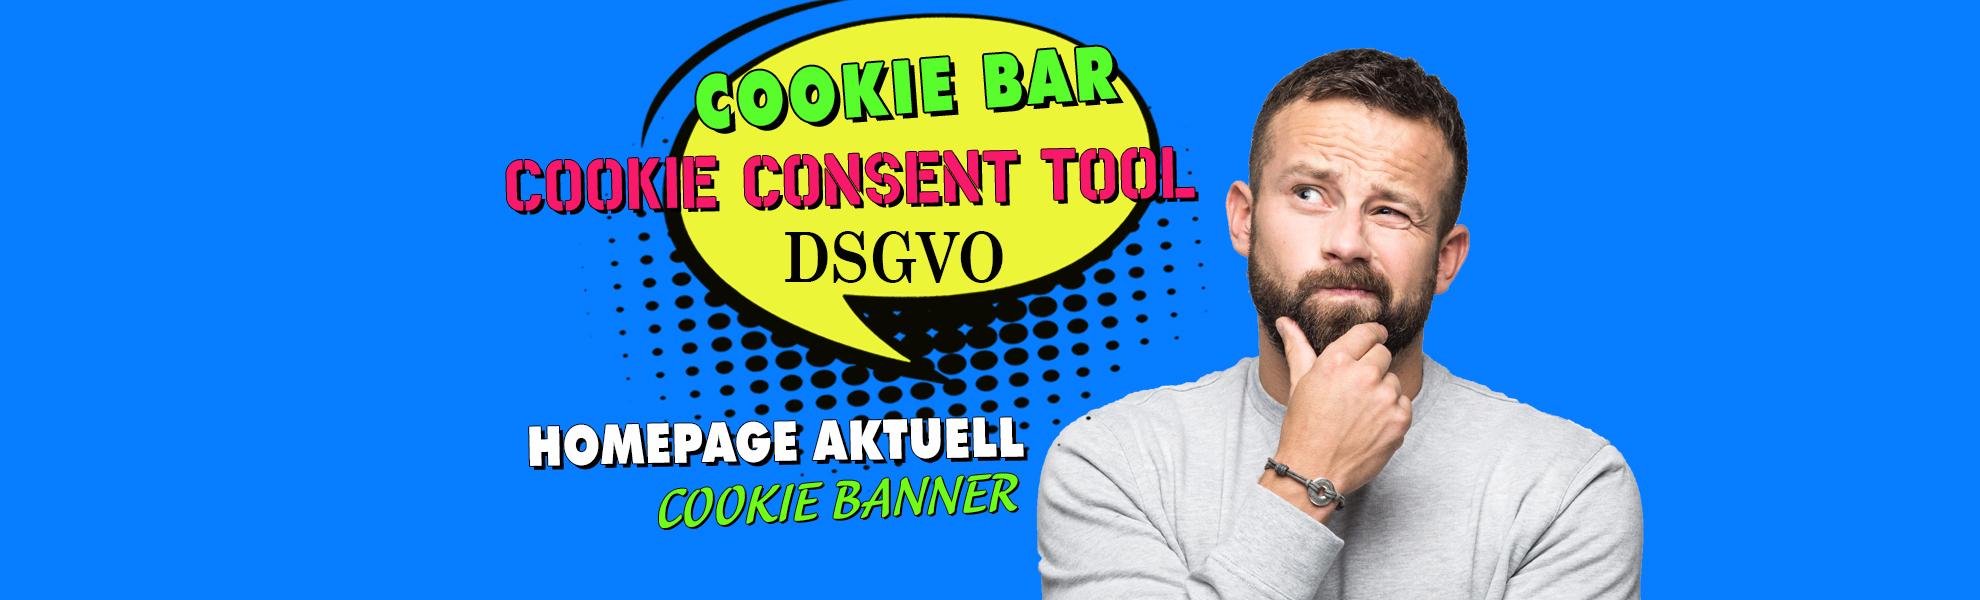 Datenschutzverordung DSGVO: Das Cookie Consent Tool